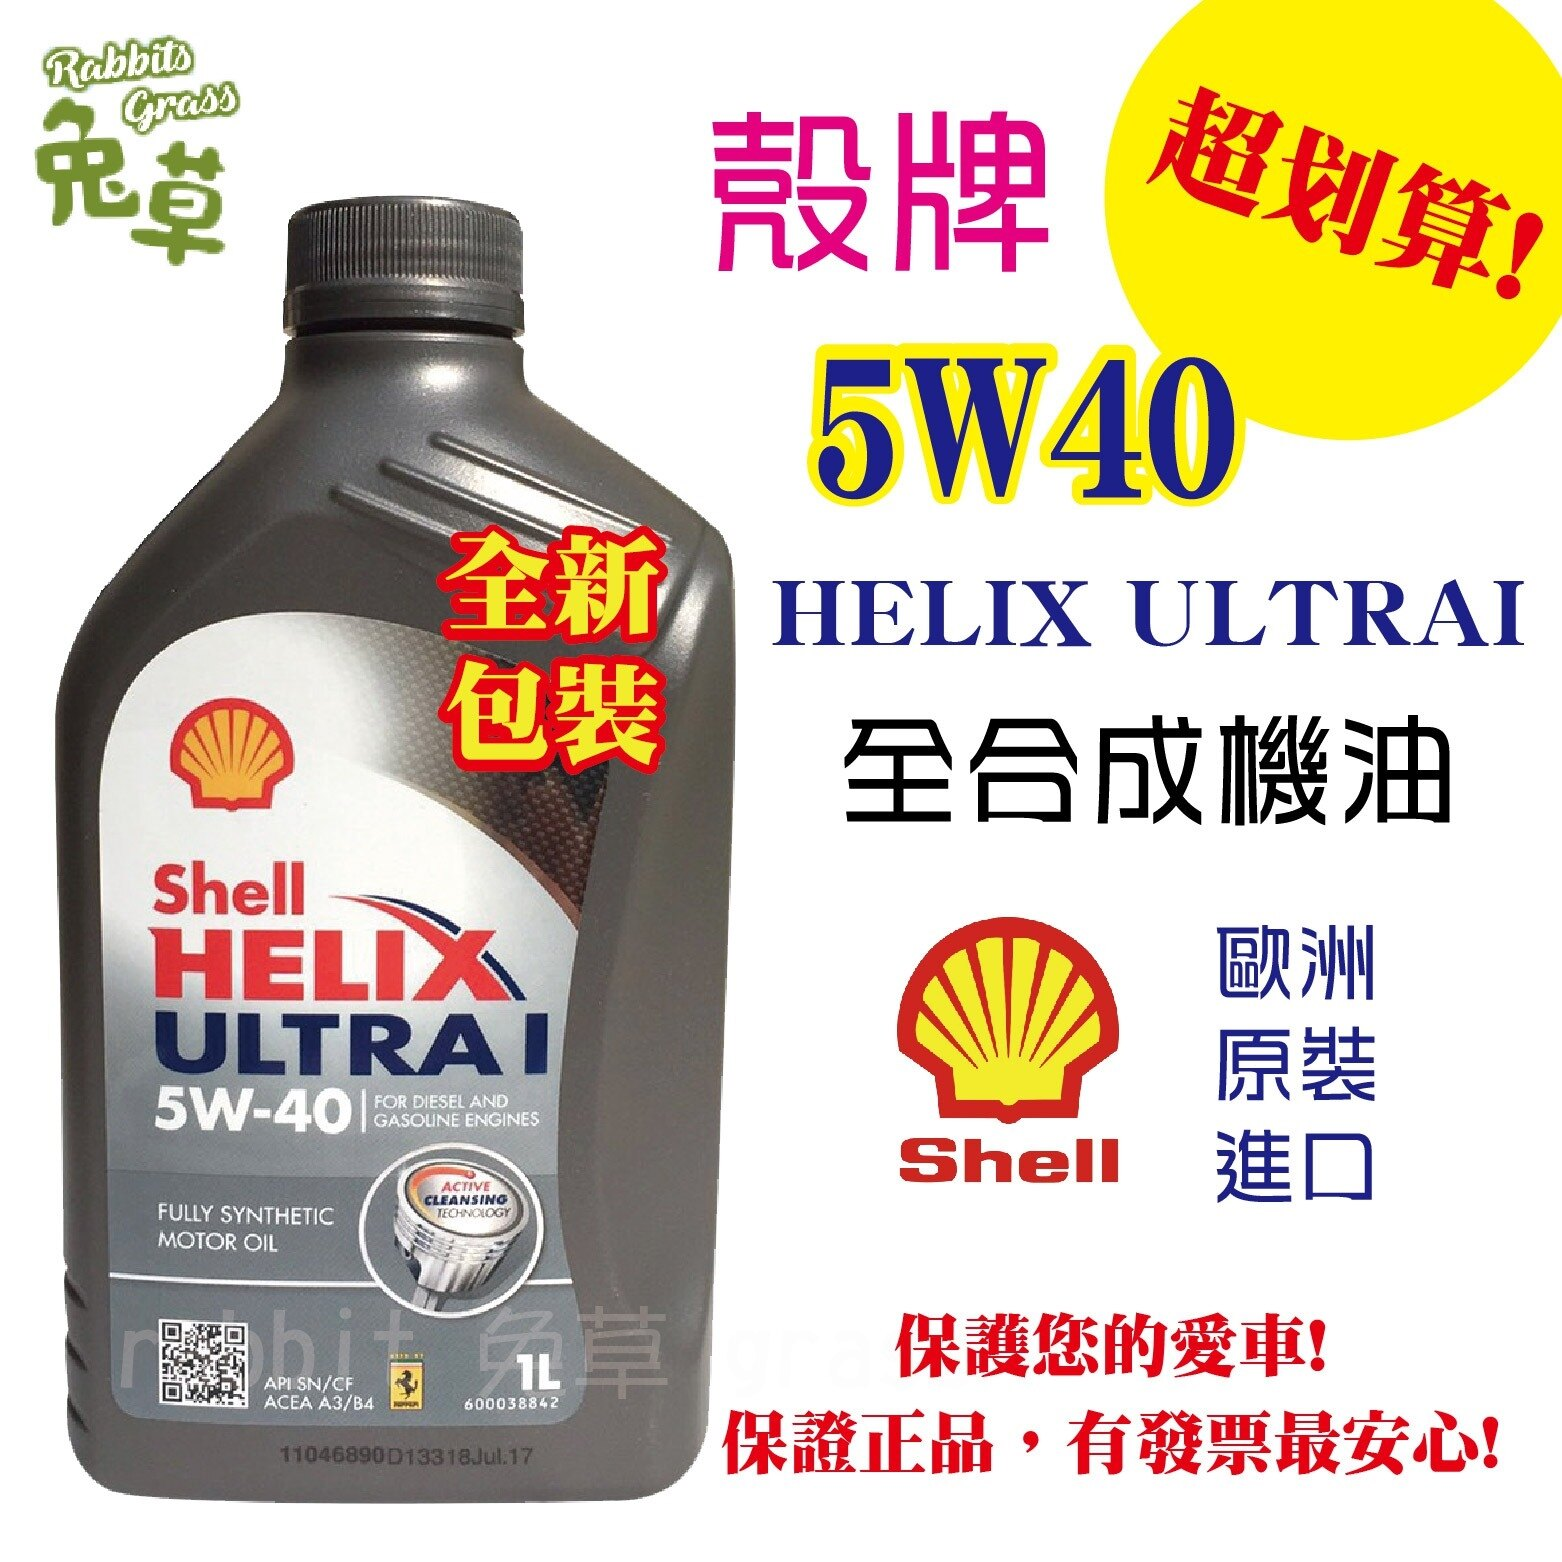 殼牌 Shell HELIX ULTRA I 5W-40 5W40 汽柴油車 全合成機油 1L